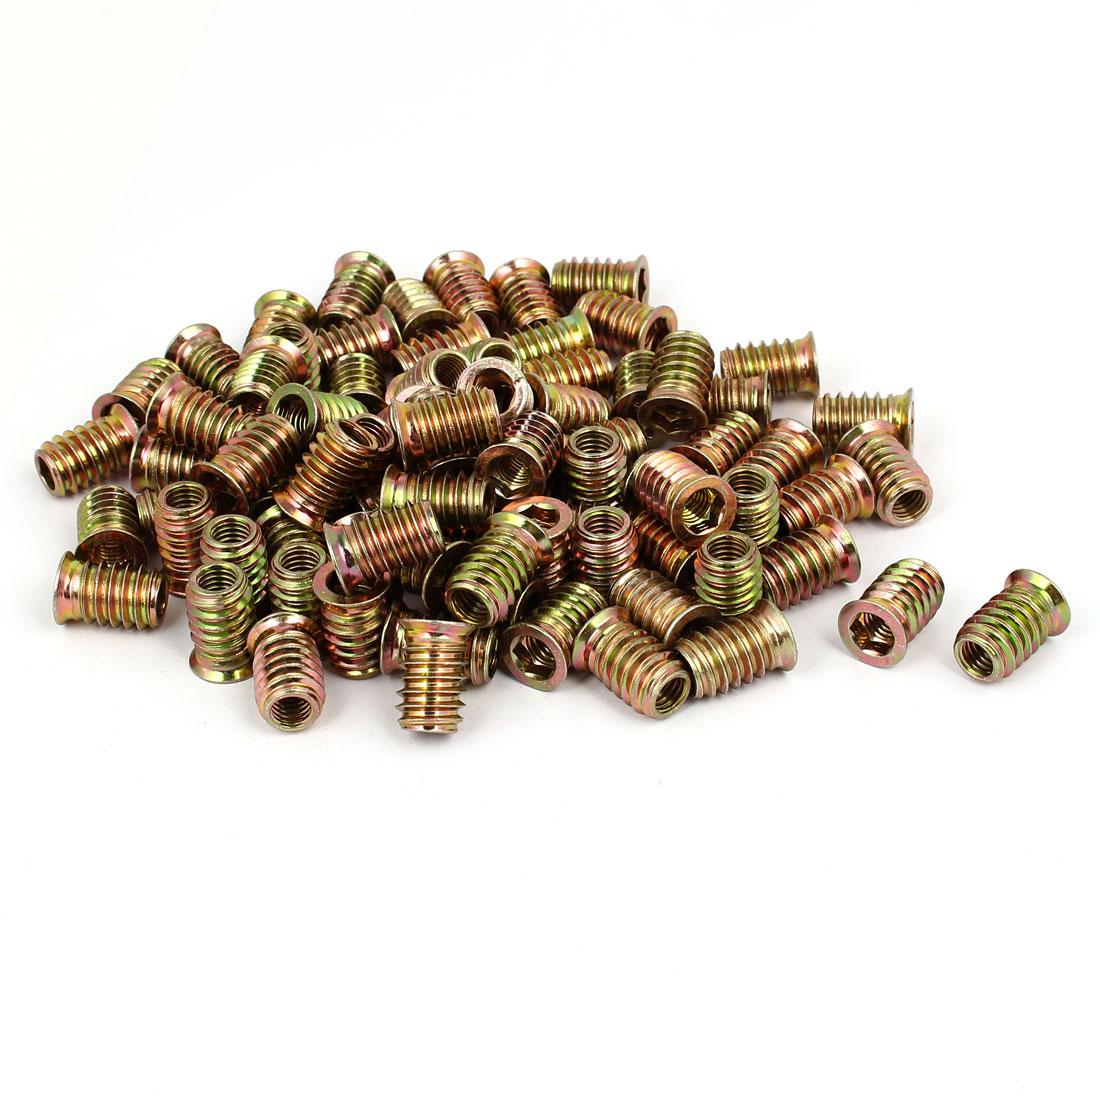 8mm x 20mm Wood Furniture Insert Interface E-Nut Hex Socket Threaded Nut 100PCS